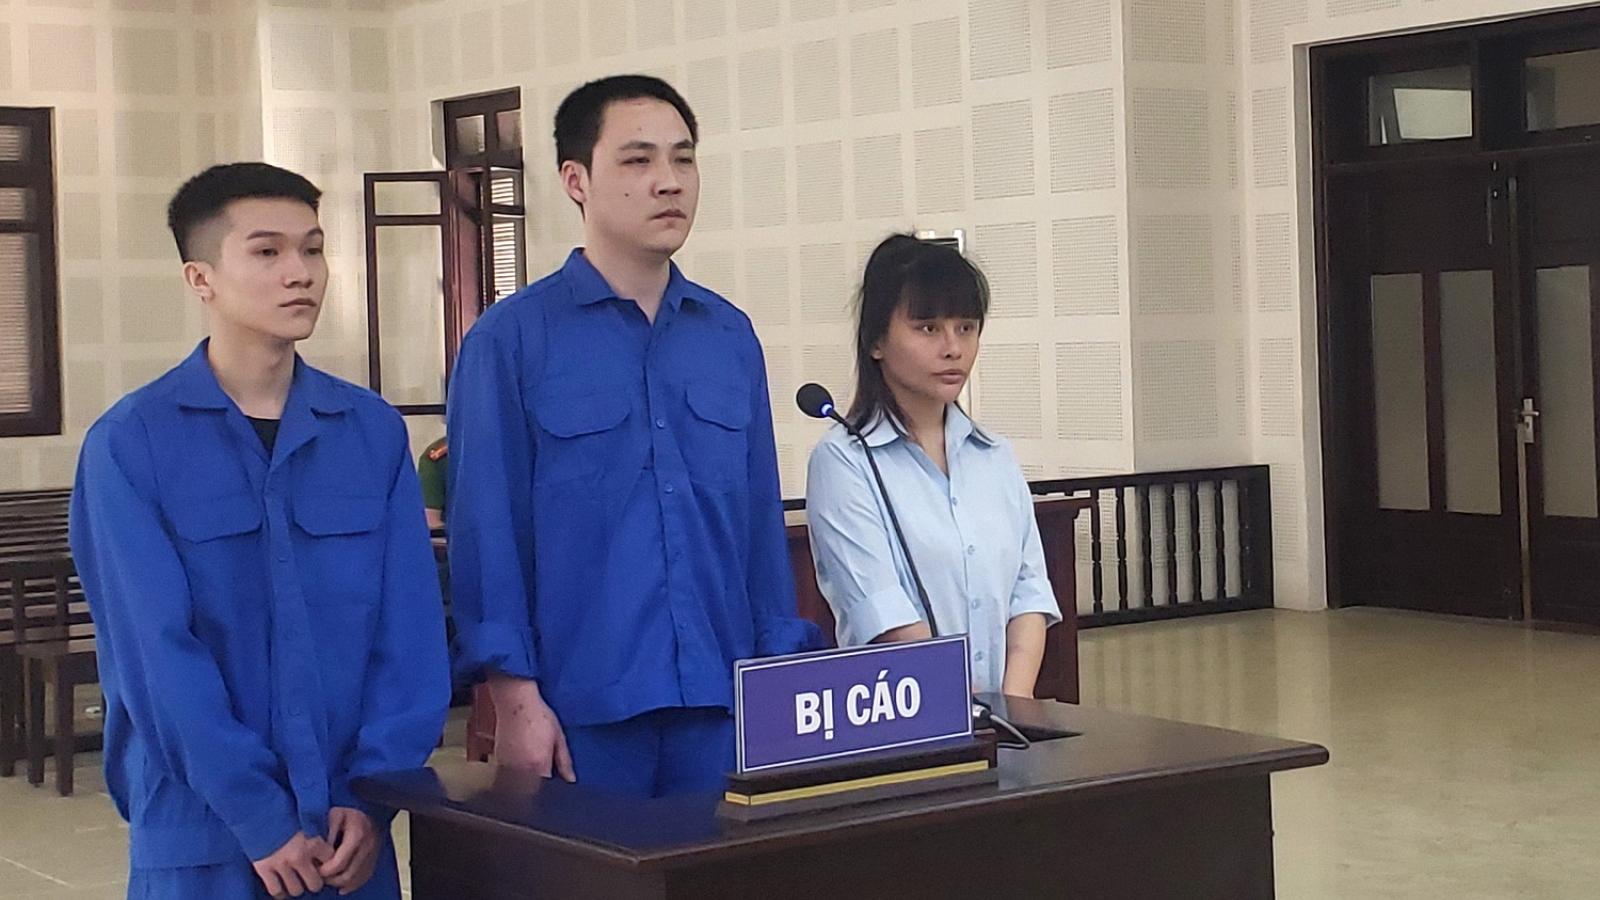 Phạt tù 2 người Trung Quốc nhập cảnh trái phép vào Việt Nam trong giãn cách xã hội